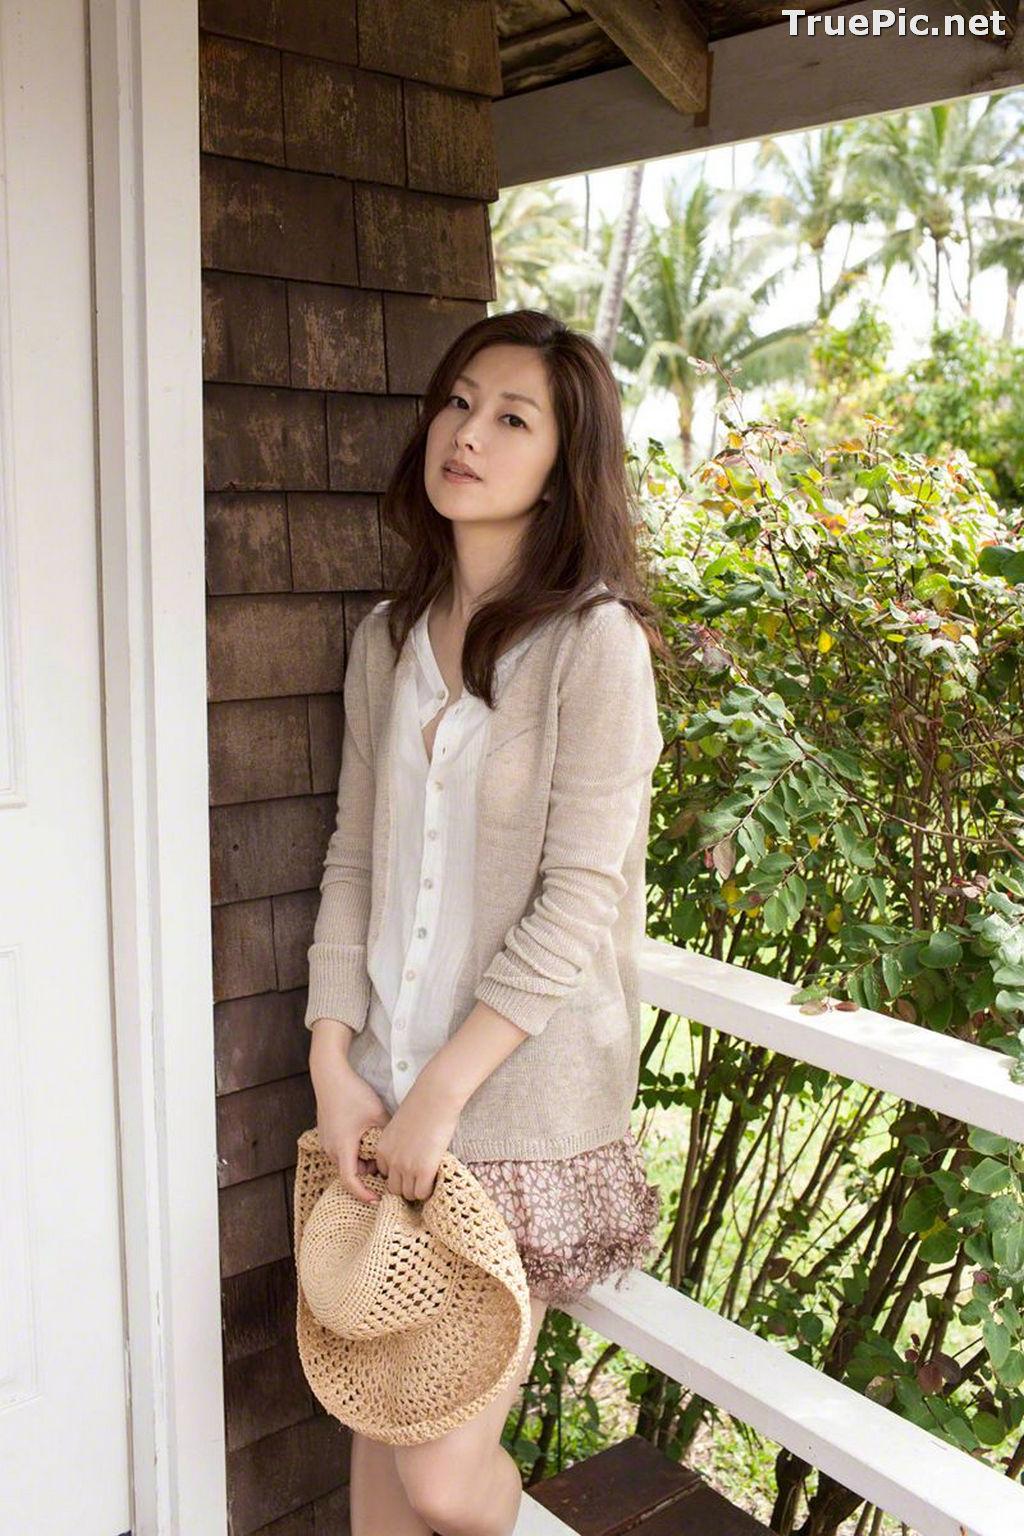 Image Wanibooks No.138 – Japanese Actress and Model – Yuko Fueki - TruePic.net - Picture-7